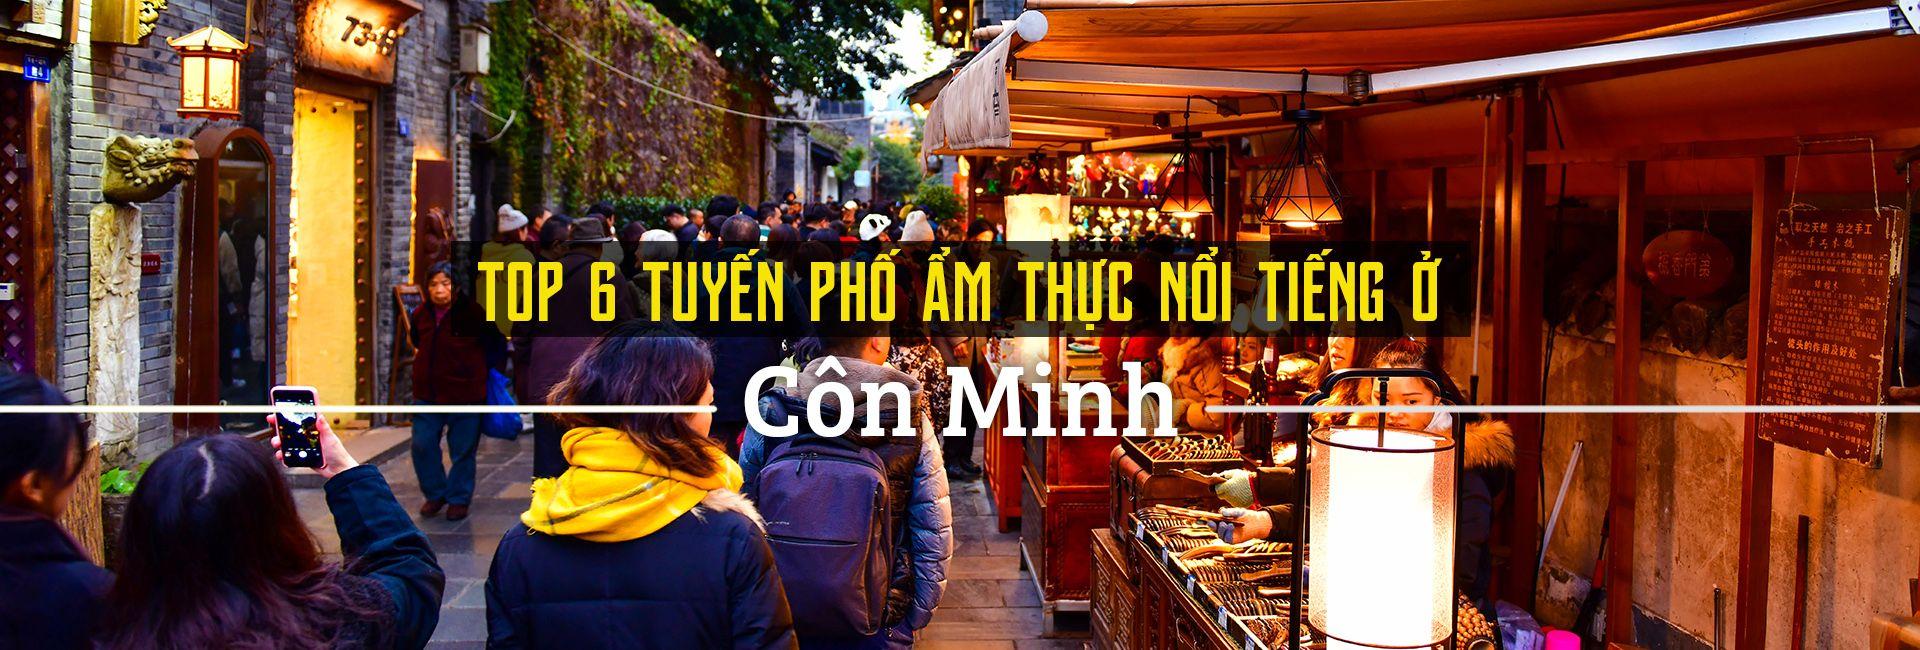 Top 6 phố ẩm thực nổi tiếng ở Côn Minh, Trung Quốc